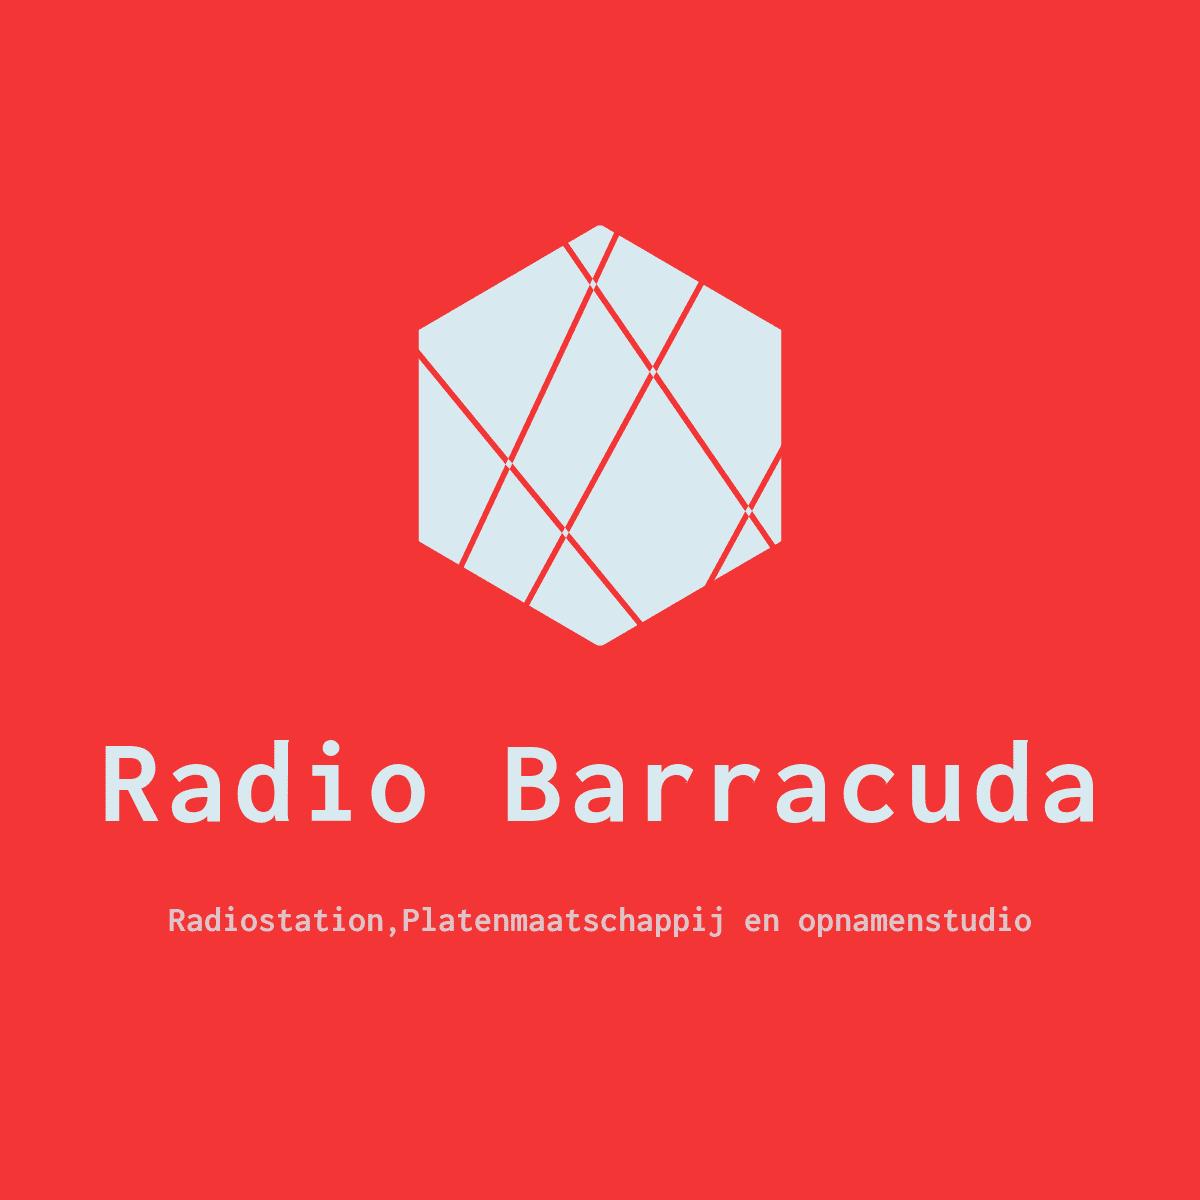 Barracuda Radio